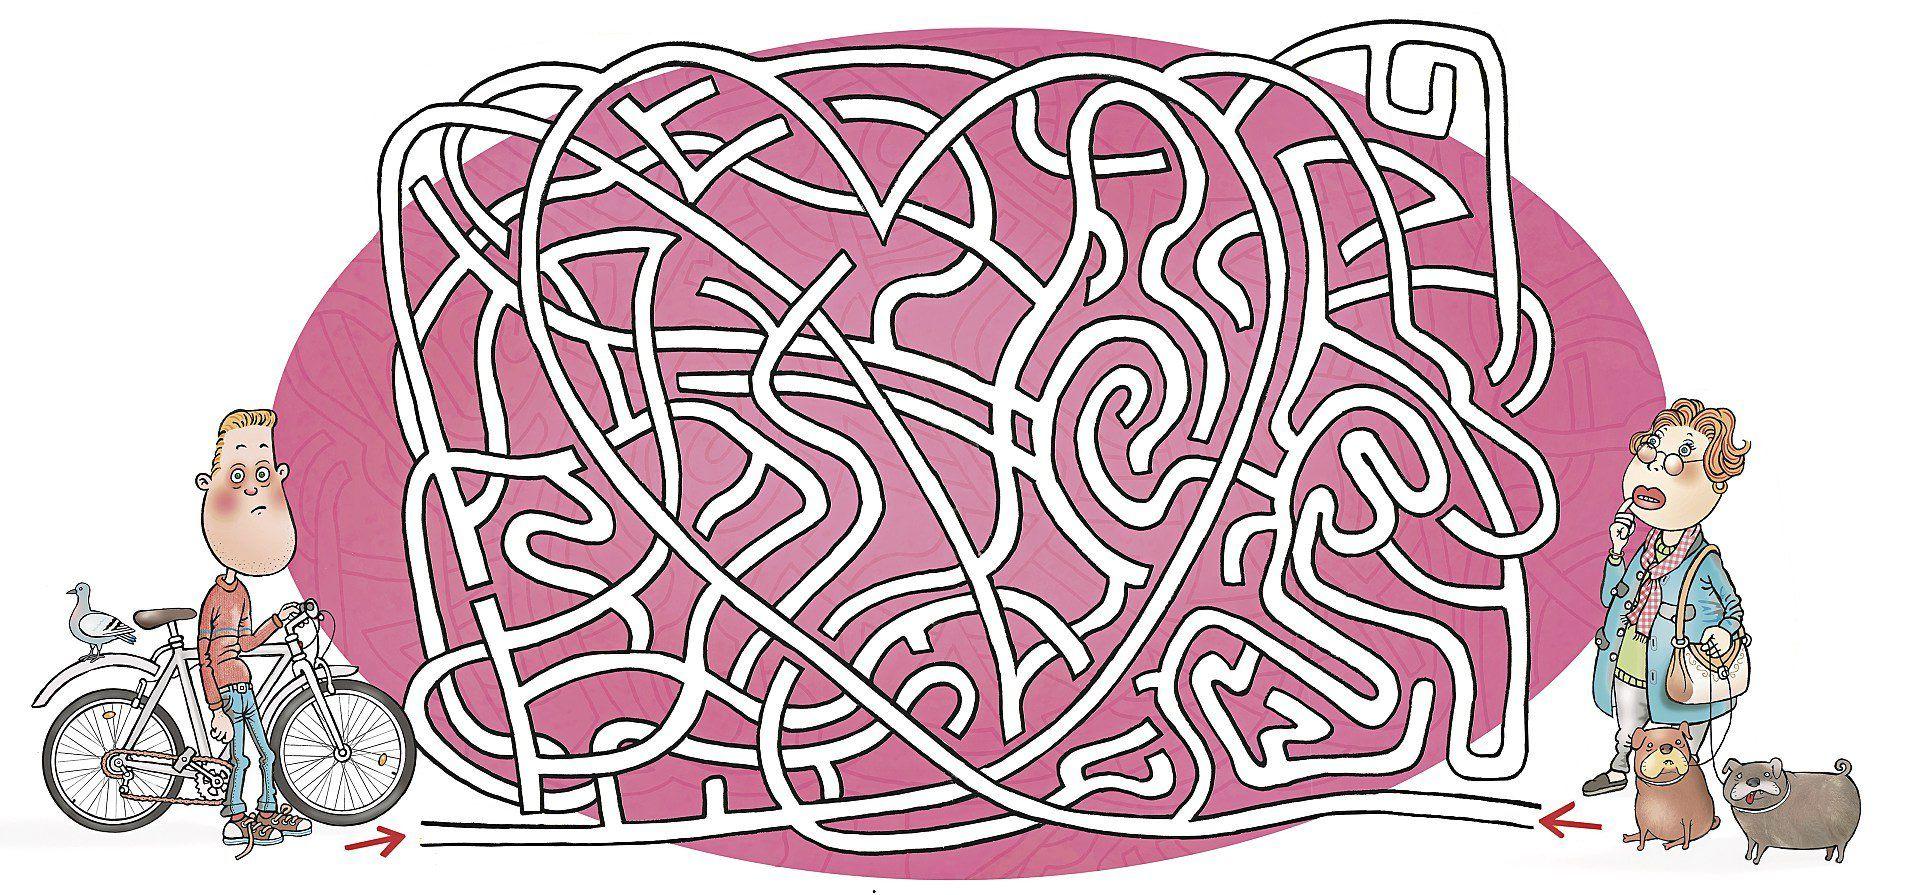 Kuinka pitkä on ruuansulatuskanava ja miten paljon ihmisen painosta on bakteereja? Testaa, miten pärjäisit koulubiologiassa